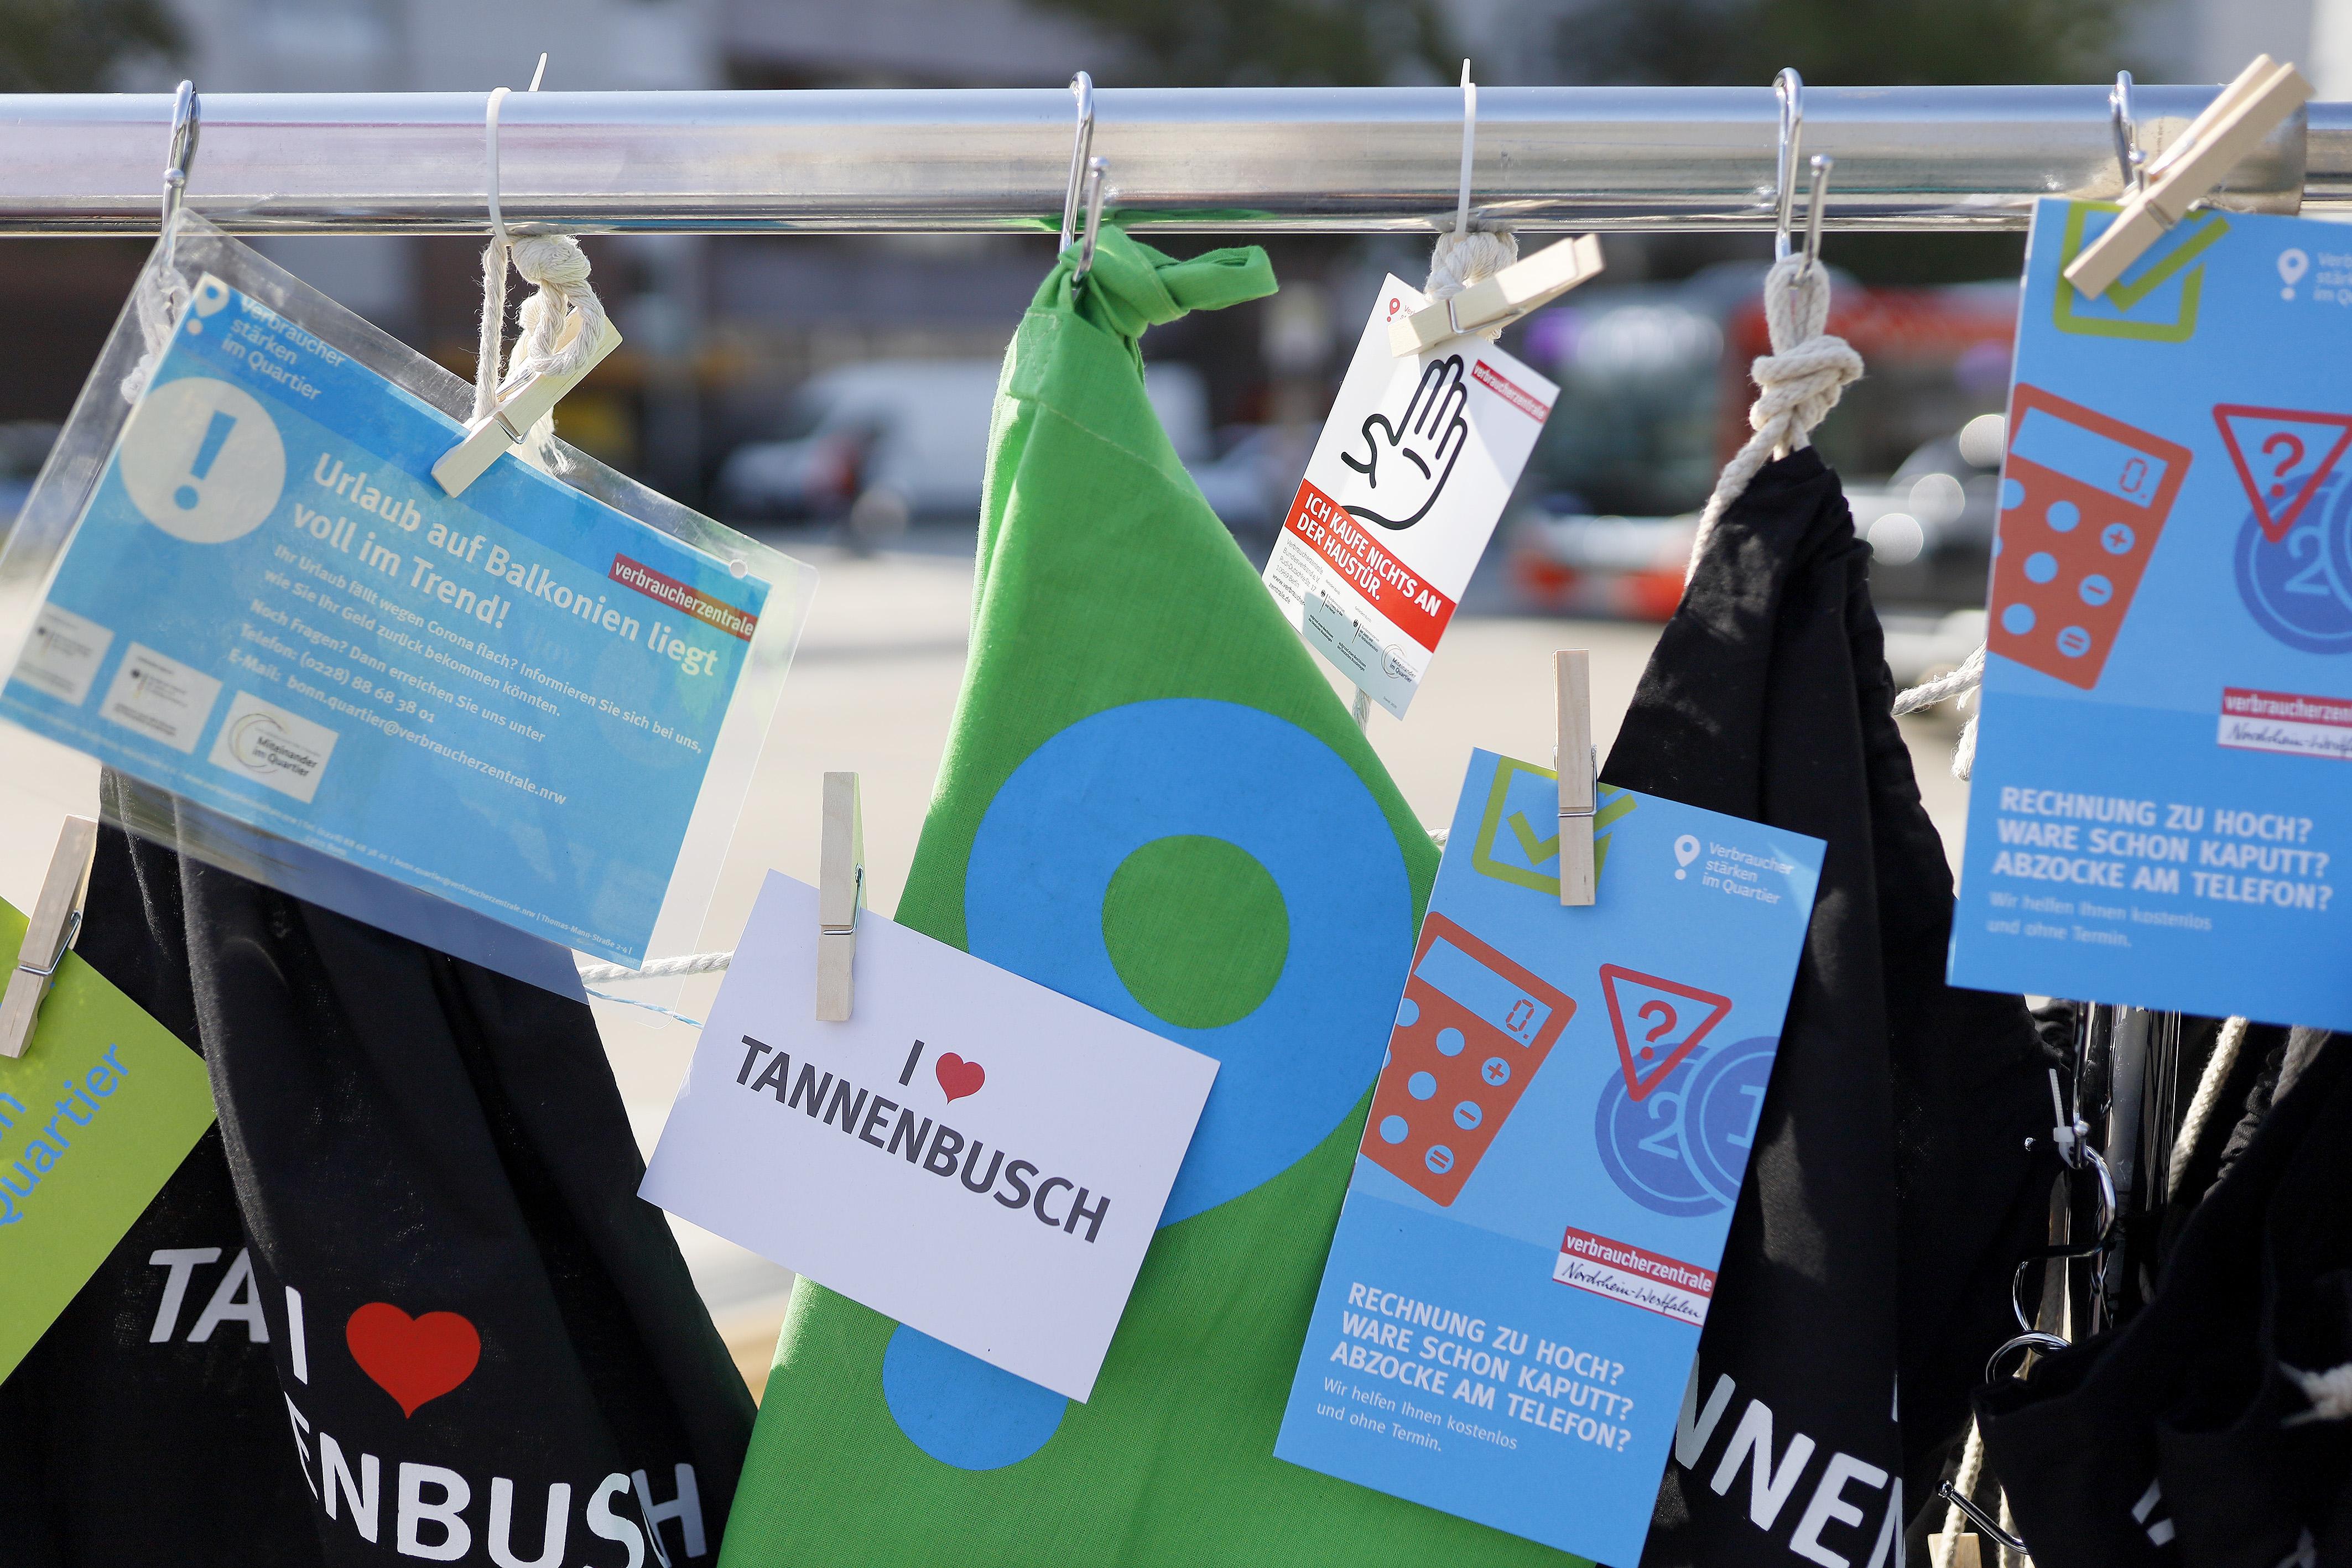 Flyer, Poster und Stoffbeutel der Verbraucherzentrale hängen an einer Stange.